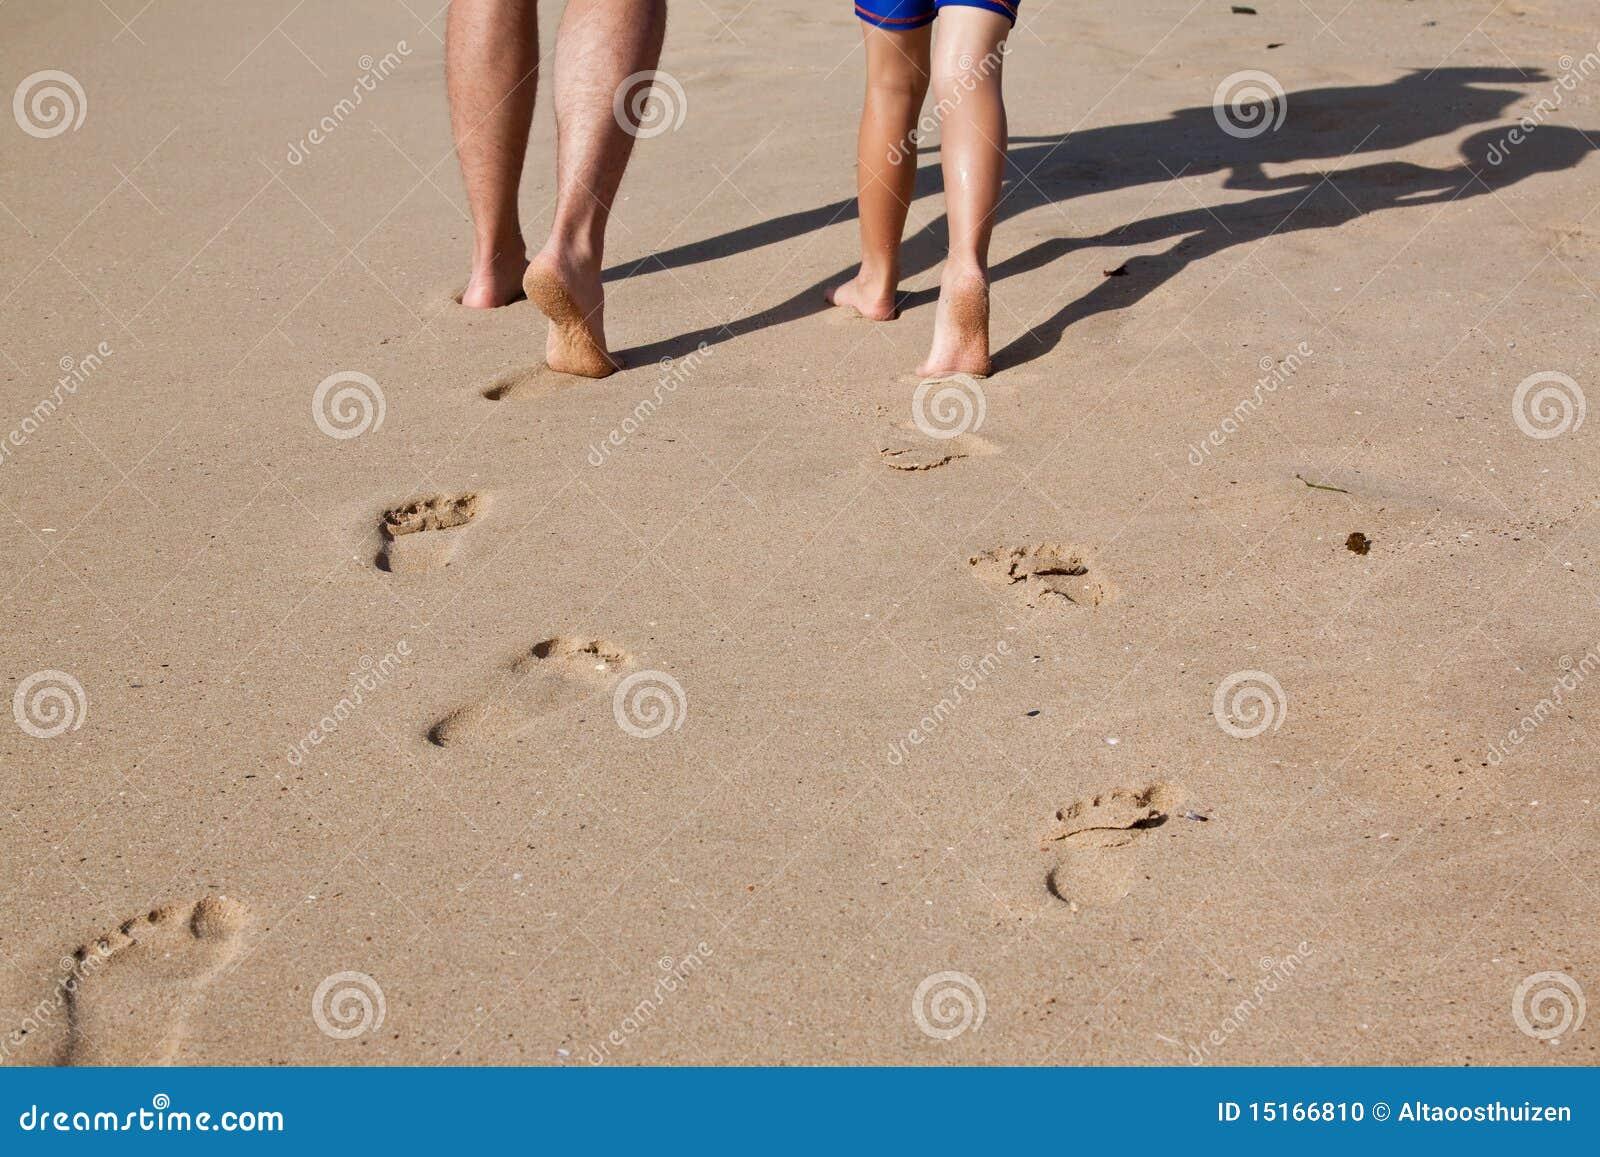 父亲脚印铺沙湿的儿子